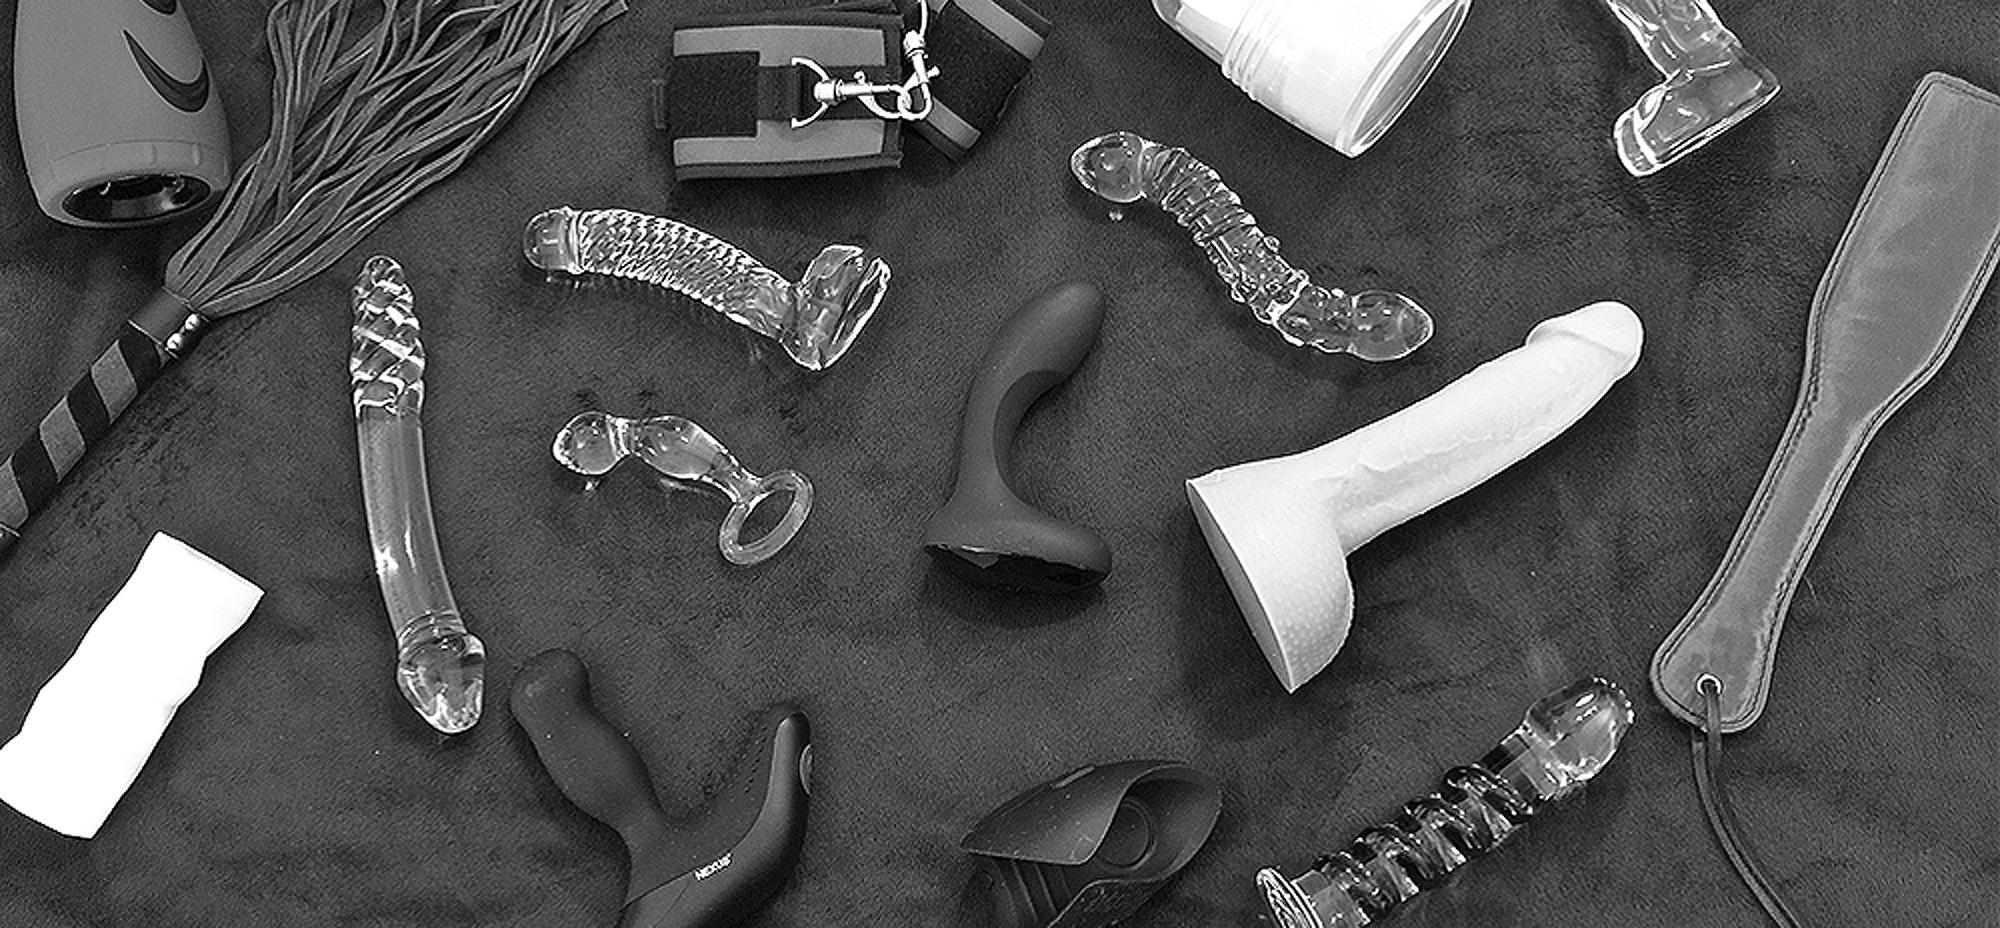 Секс-игрушки в интернет магазине интим товаров в Москве